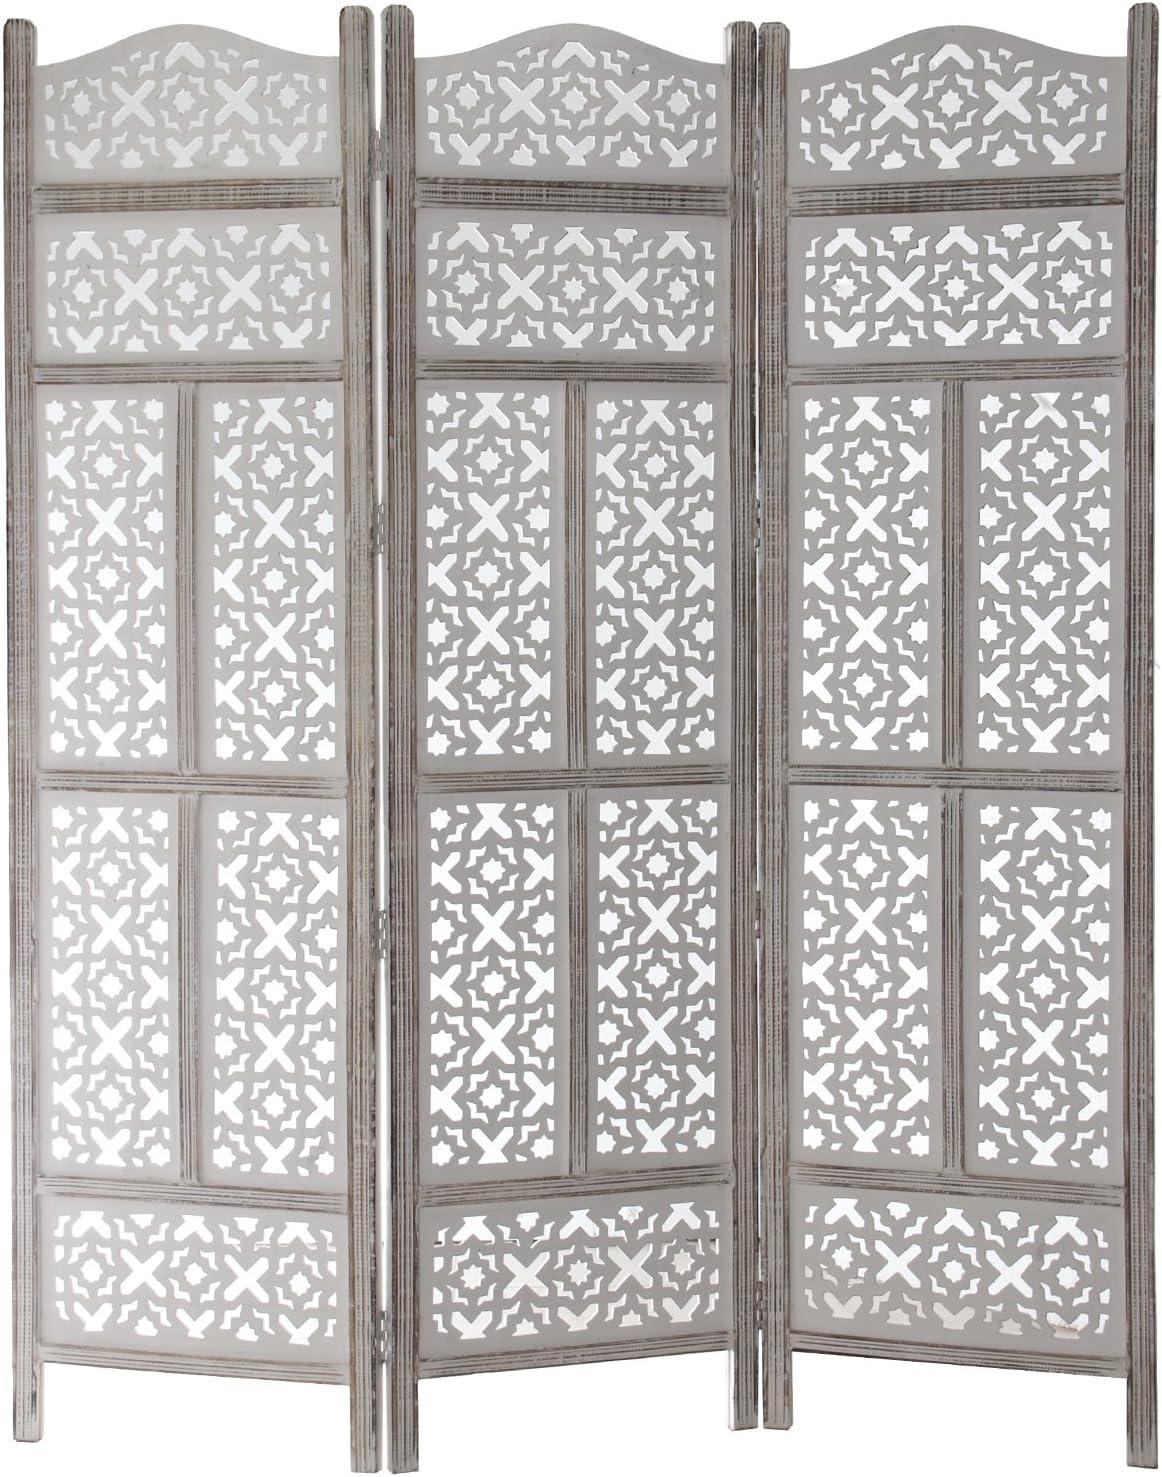 DRW - Biombo de 3 Hojas de Madera Calada en Color Blanco 151,5x2,5x180cm: Amazon.es: Hogar